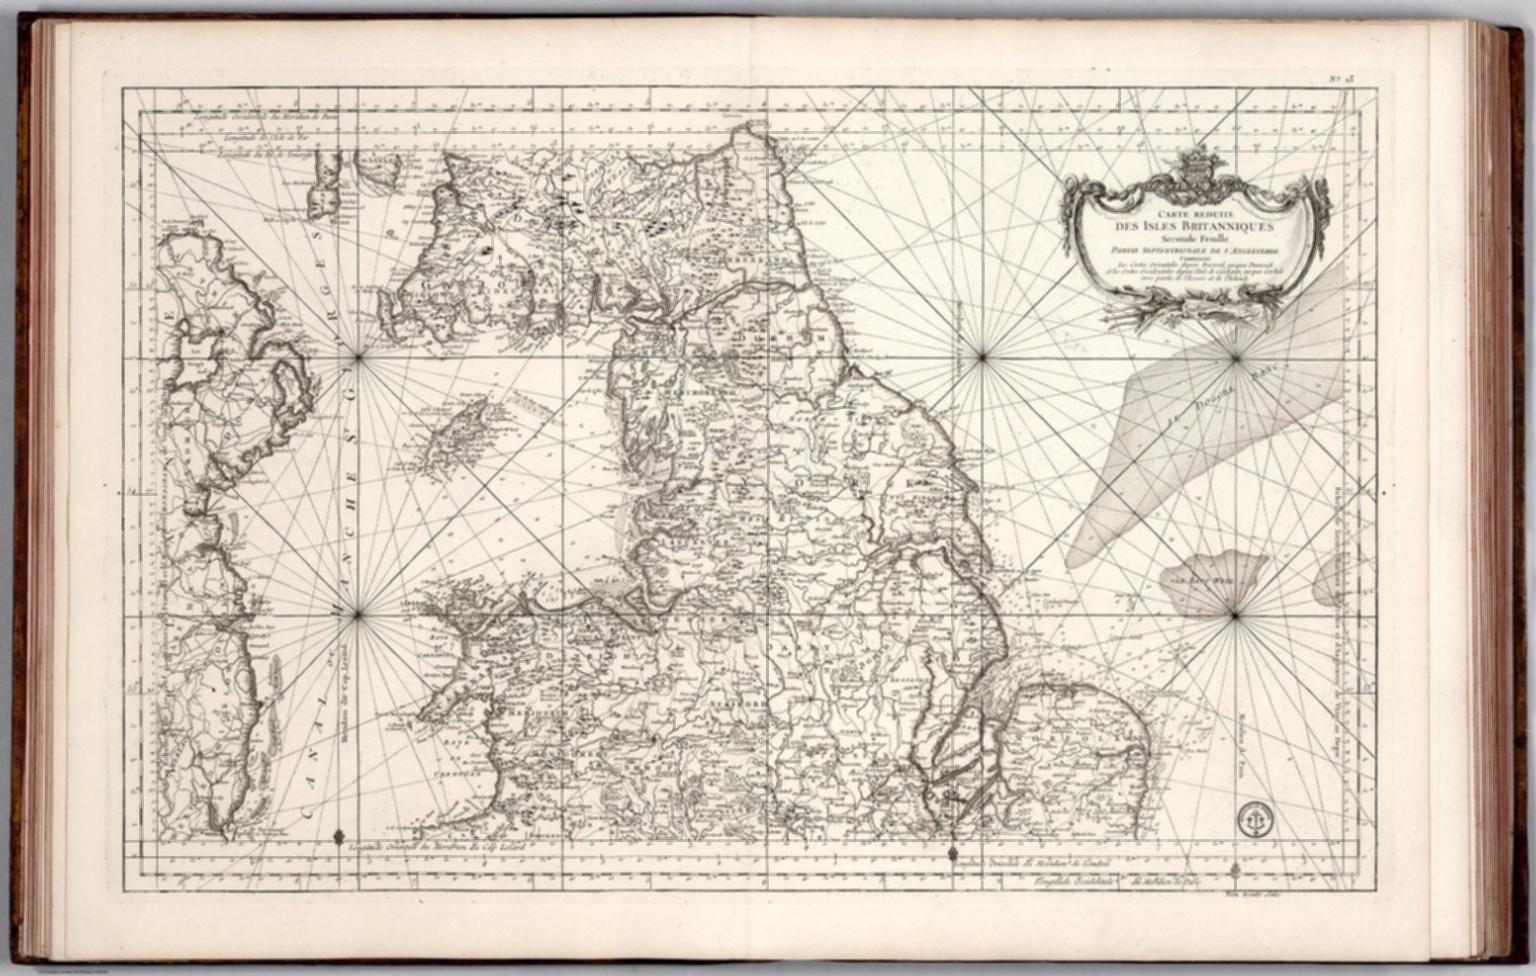 Carte Reduite des Isles Britanniques Second Feuille Partie Septentrionale de l'Angleterre.